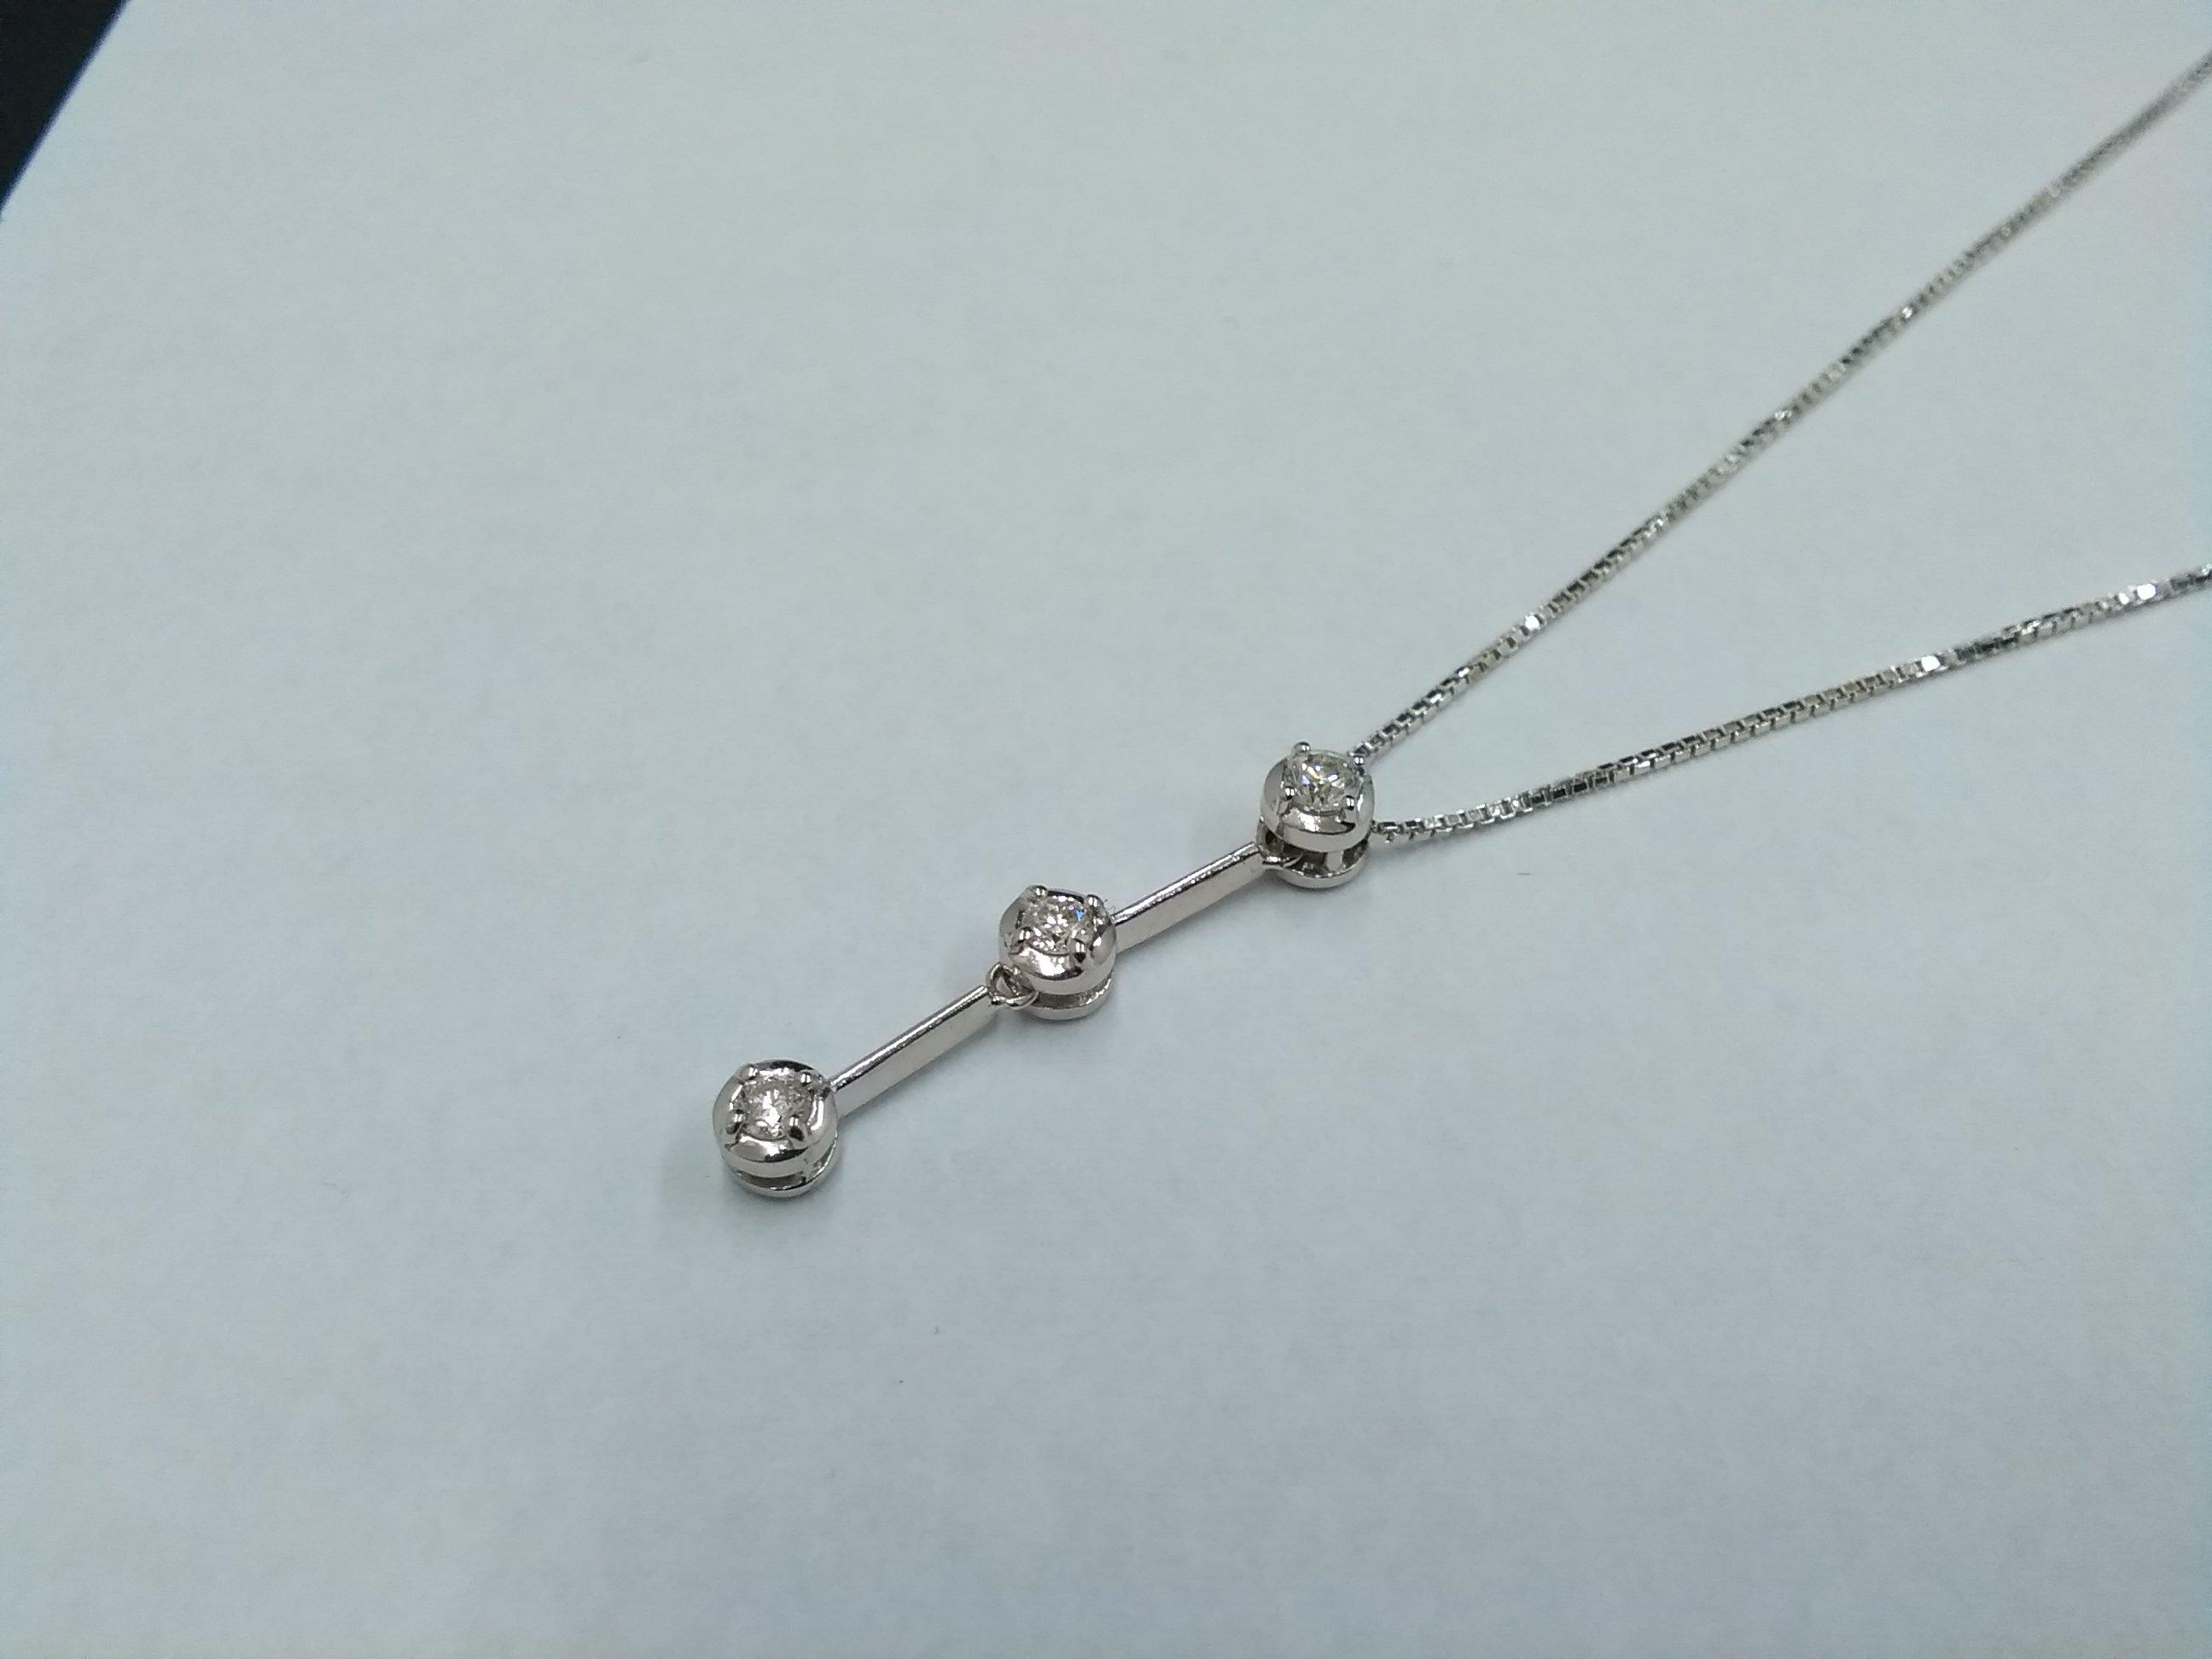 K18WG ネックレス 宝石付きネックレス